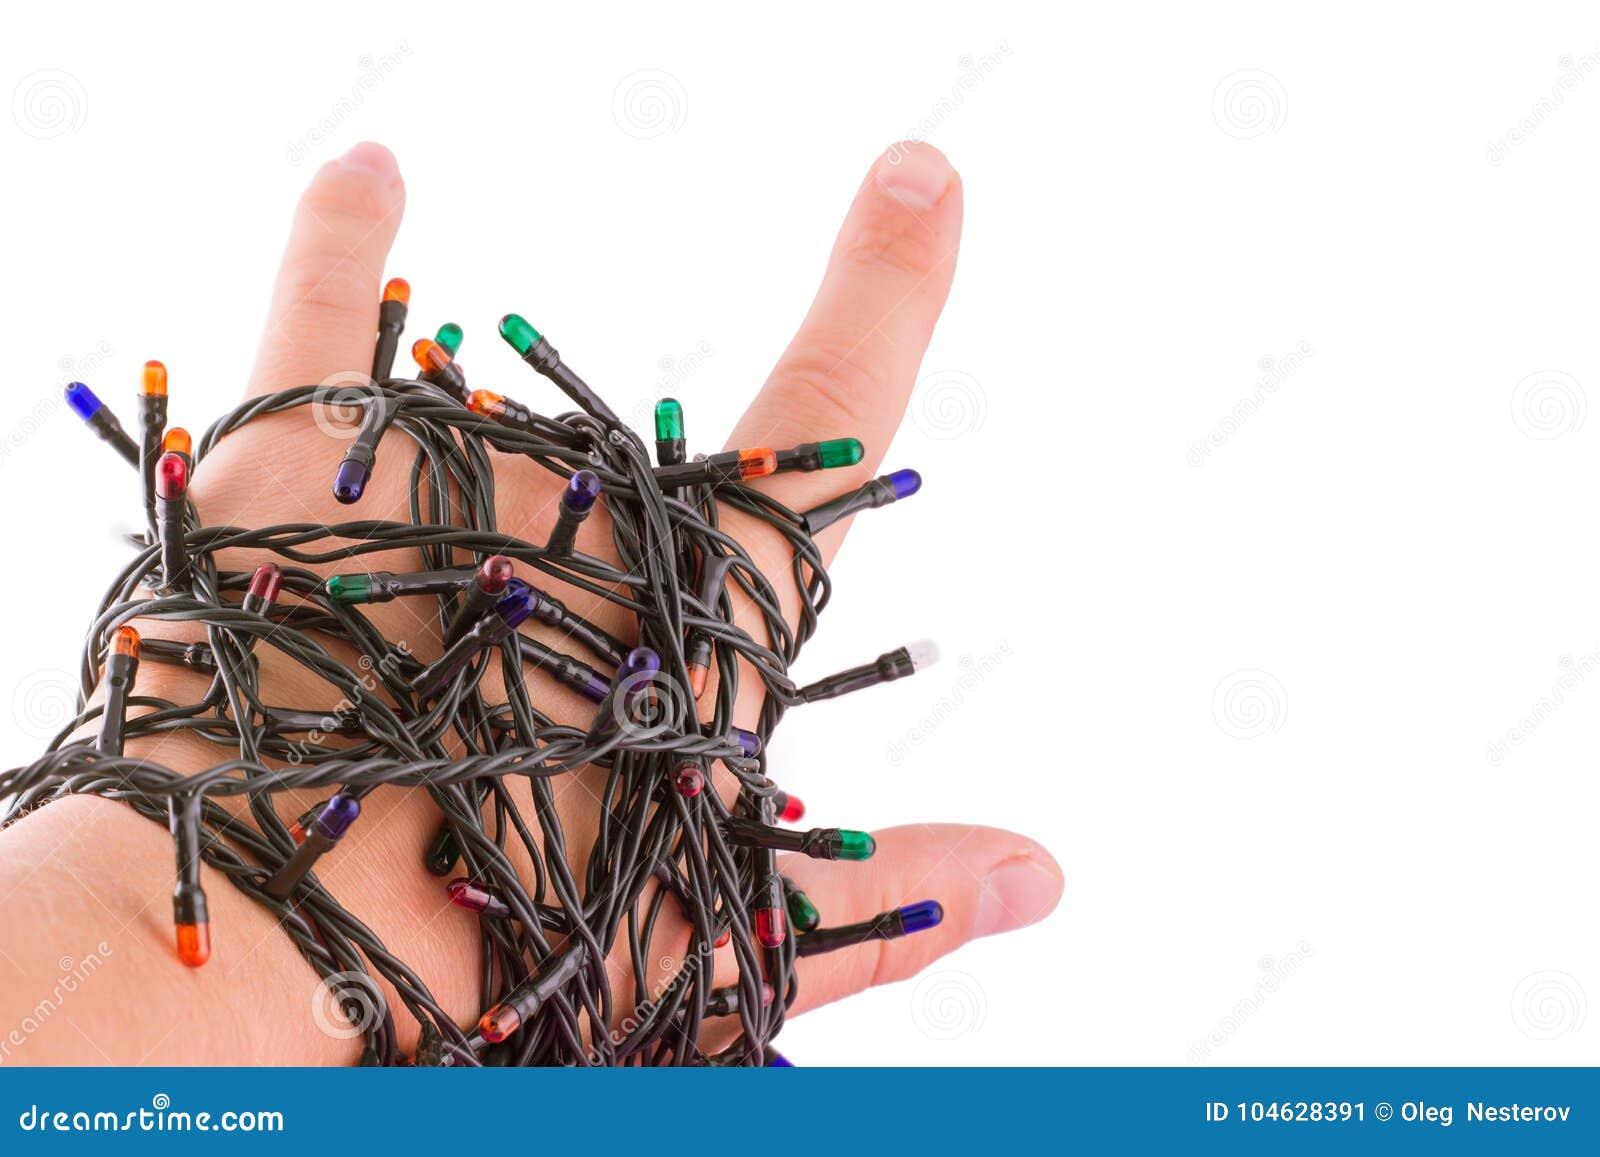 Download Het Gebaar Van Koelte De Hand Is Verpakt In Slingers Stock Afbeelding - Afbeelding bestaande uit gebaar, plastiek: 104628391